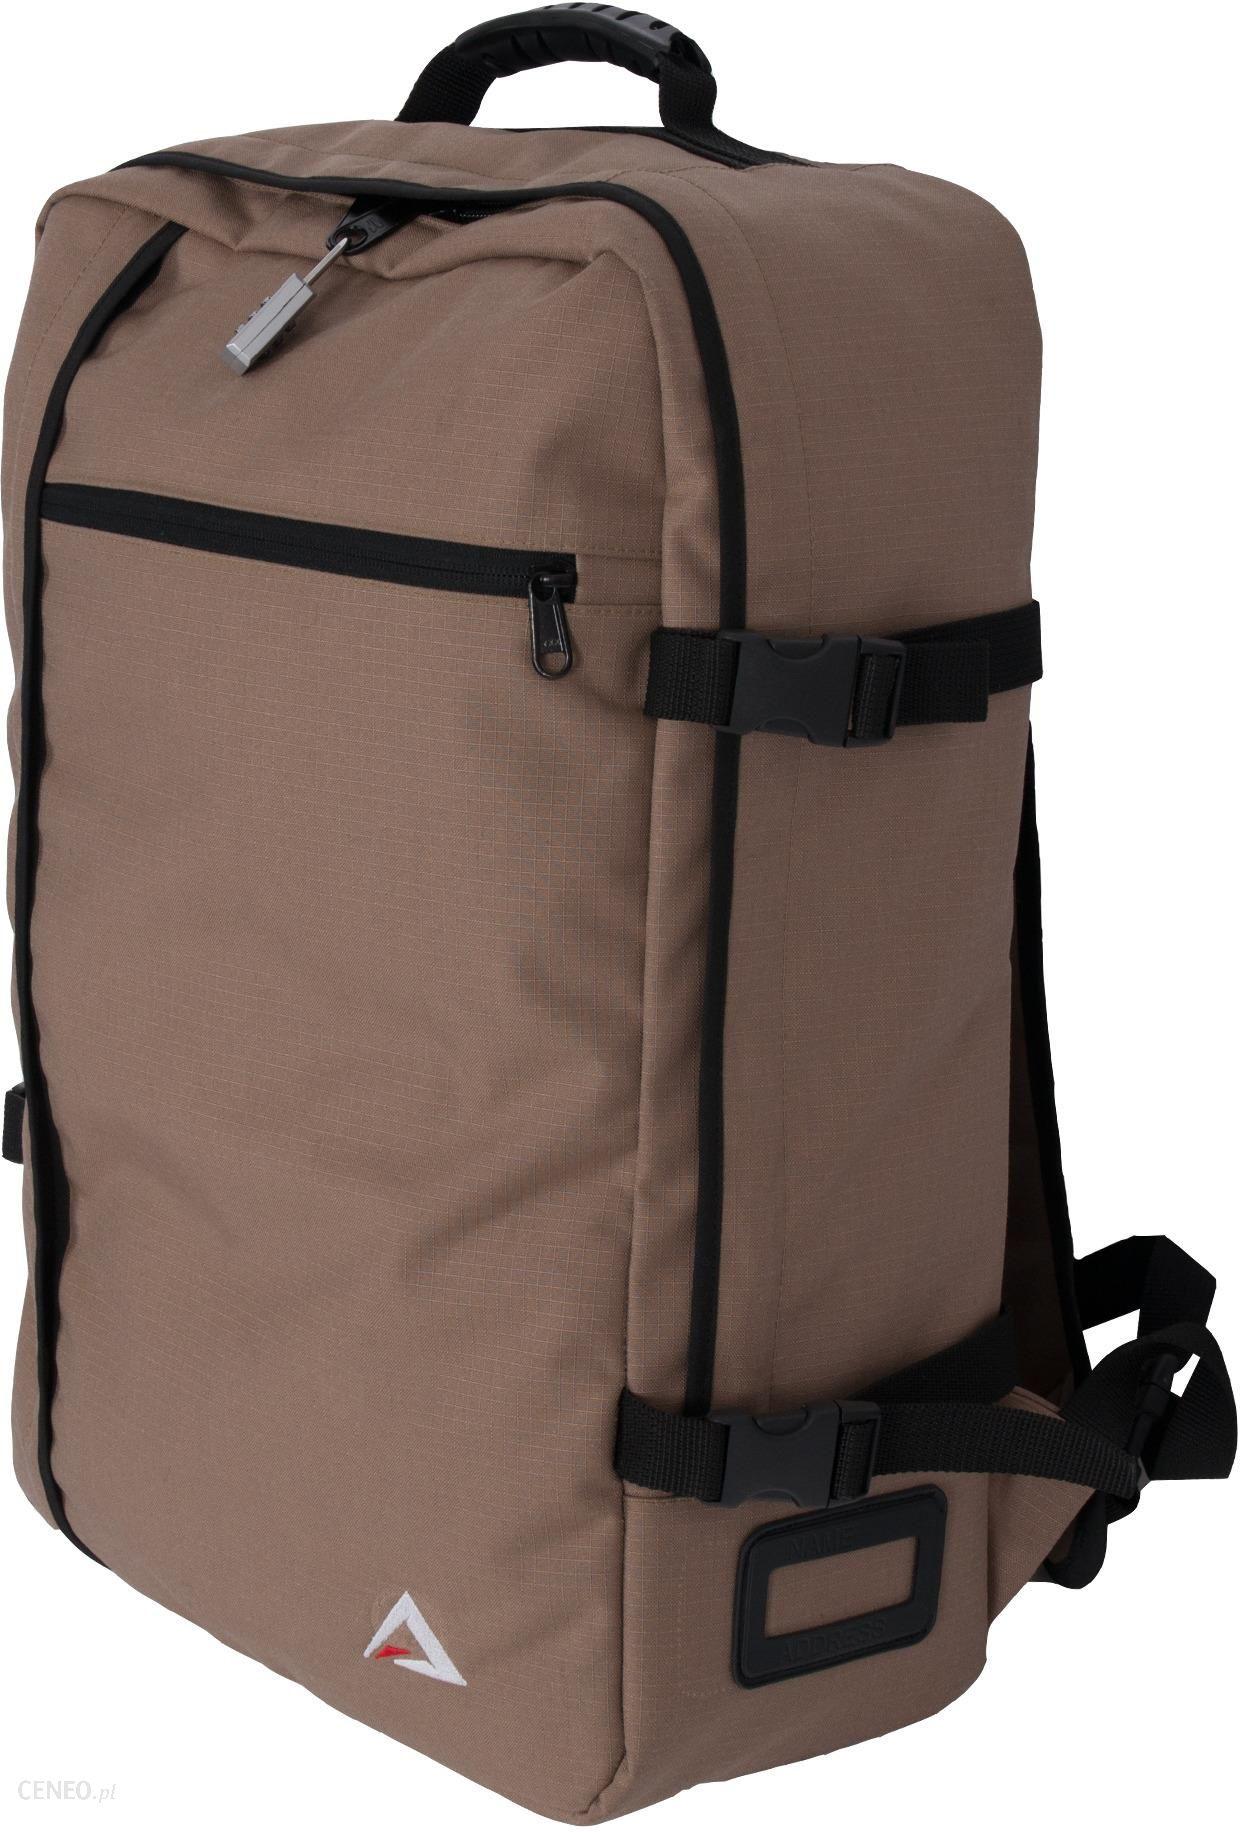 a066cbce1b575 Torbo-plecak bagaż podręczny do samolotu 41 l + kłódka Marbo 02-085 ...